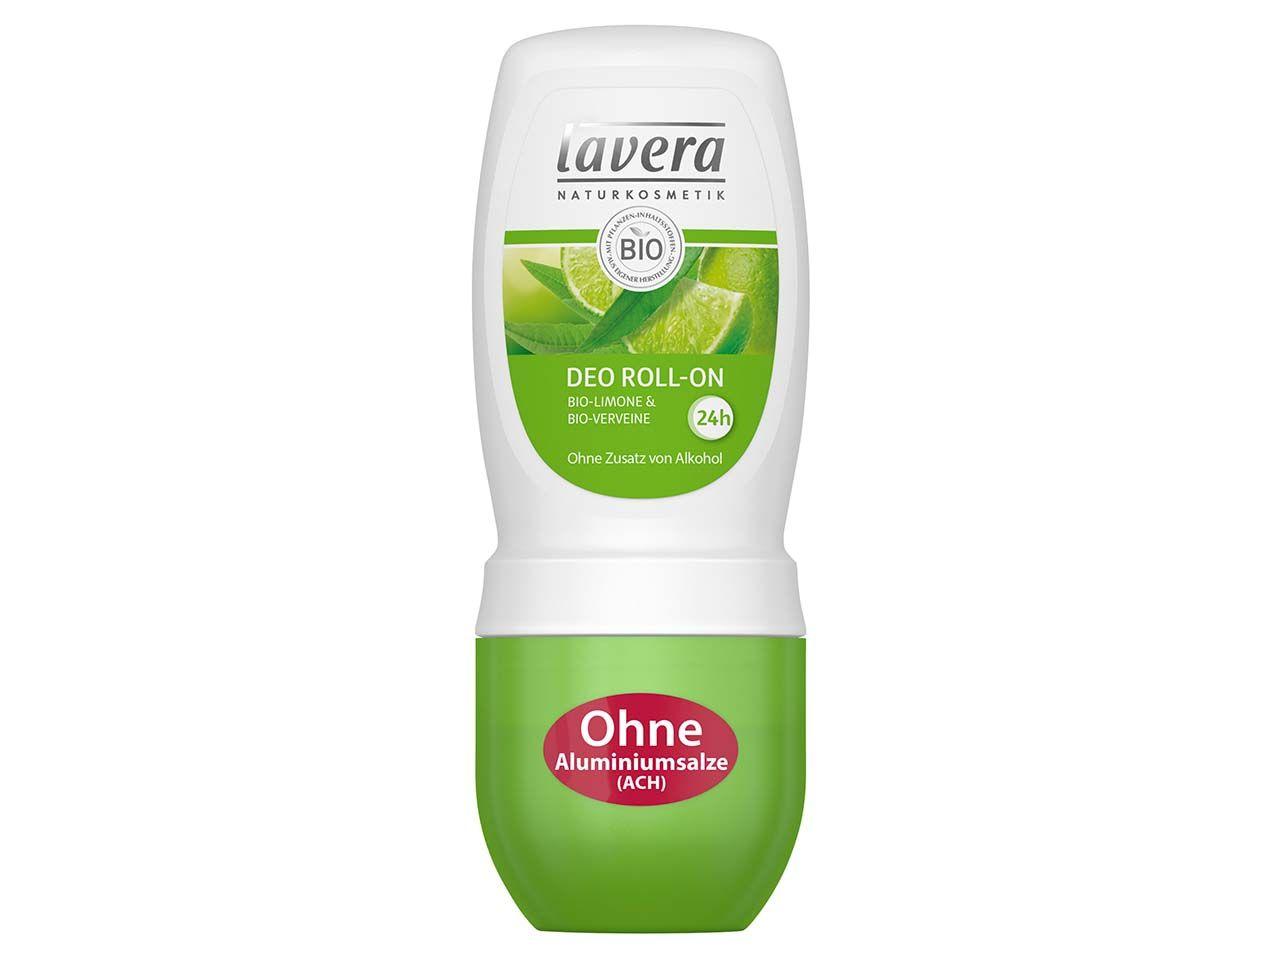 lavera Deo Roll-on Bio-Limone & Bio-Verveine 50 ml 108295